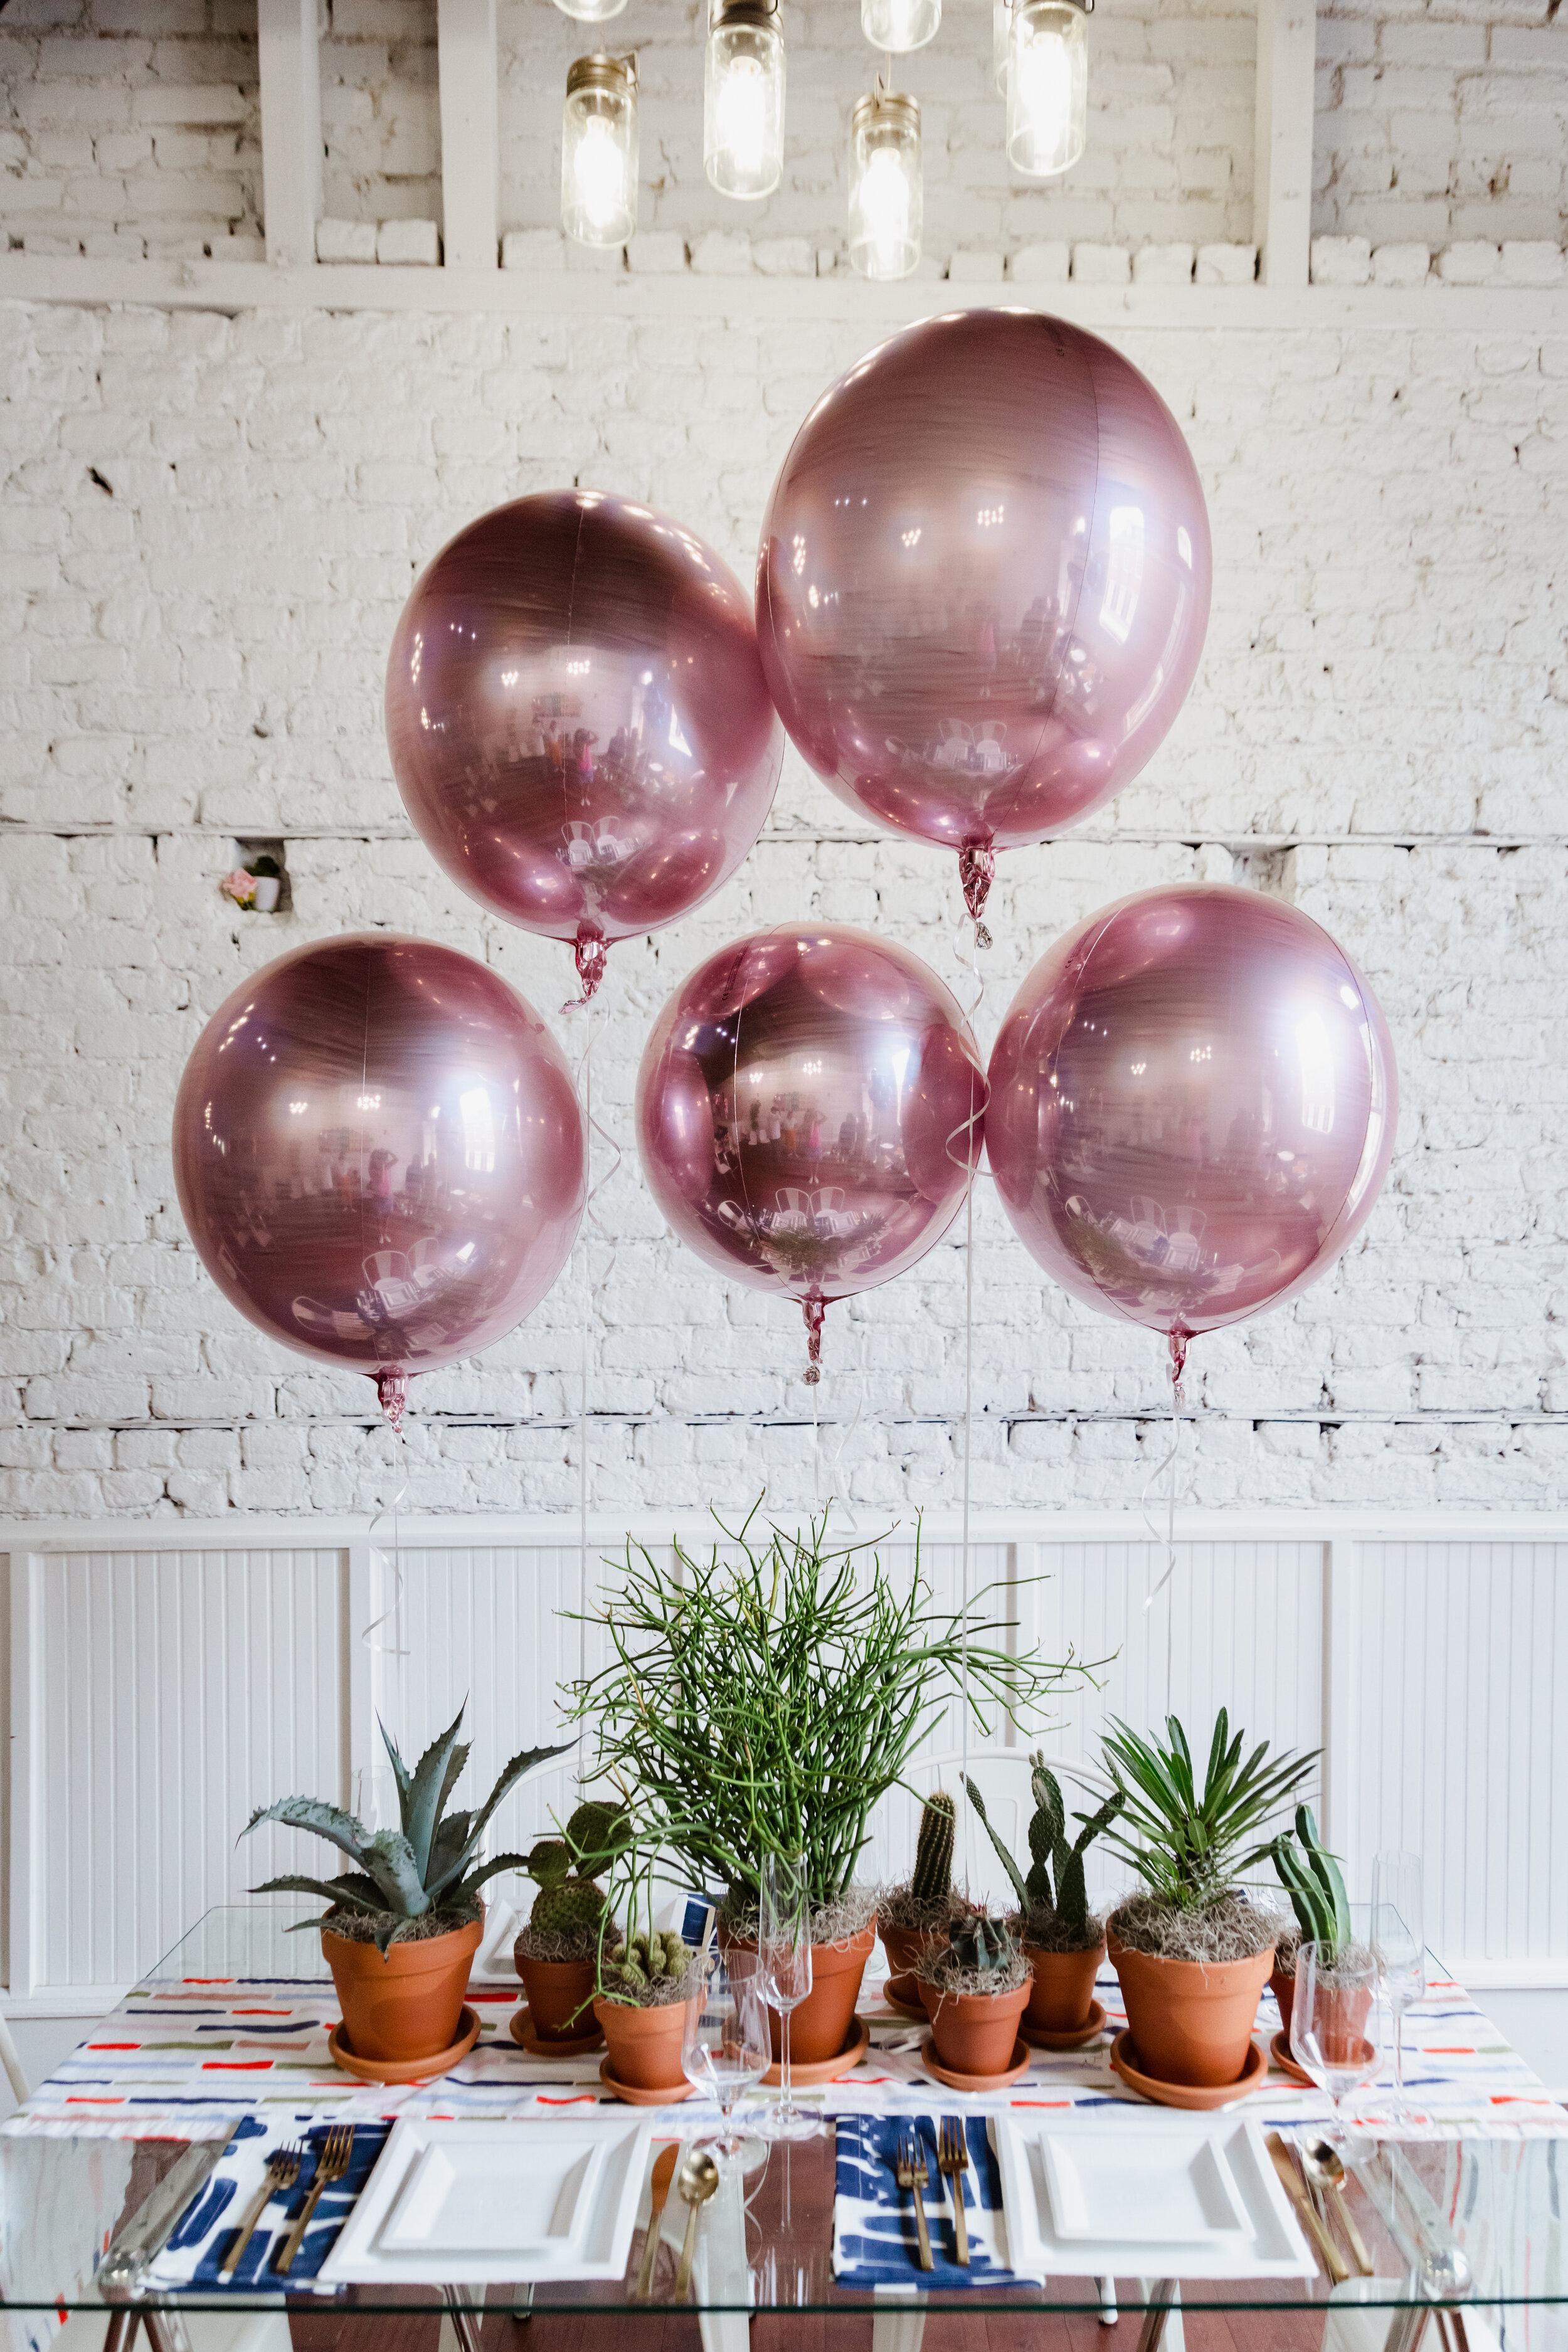 rose gold orbz from Anagram balloons for Charleston Friendsgiving